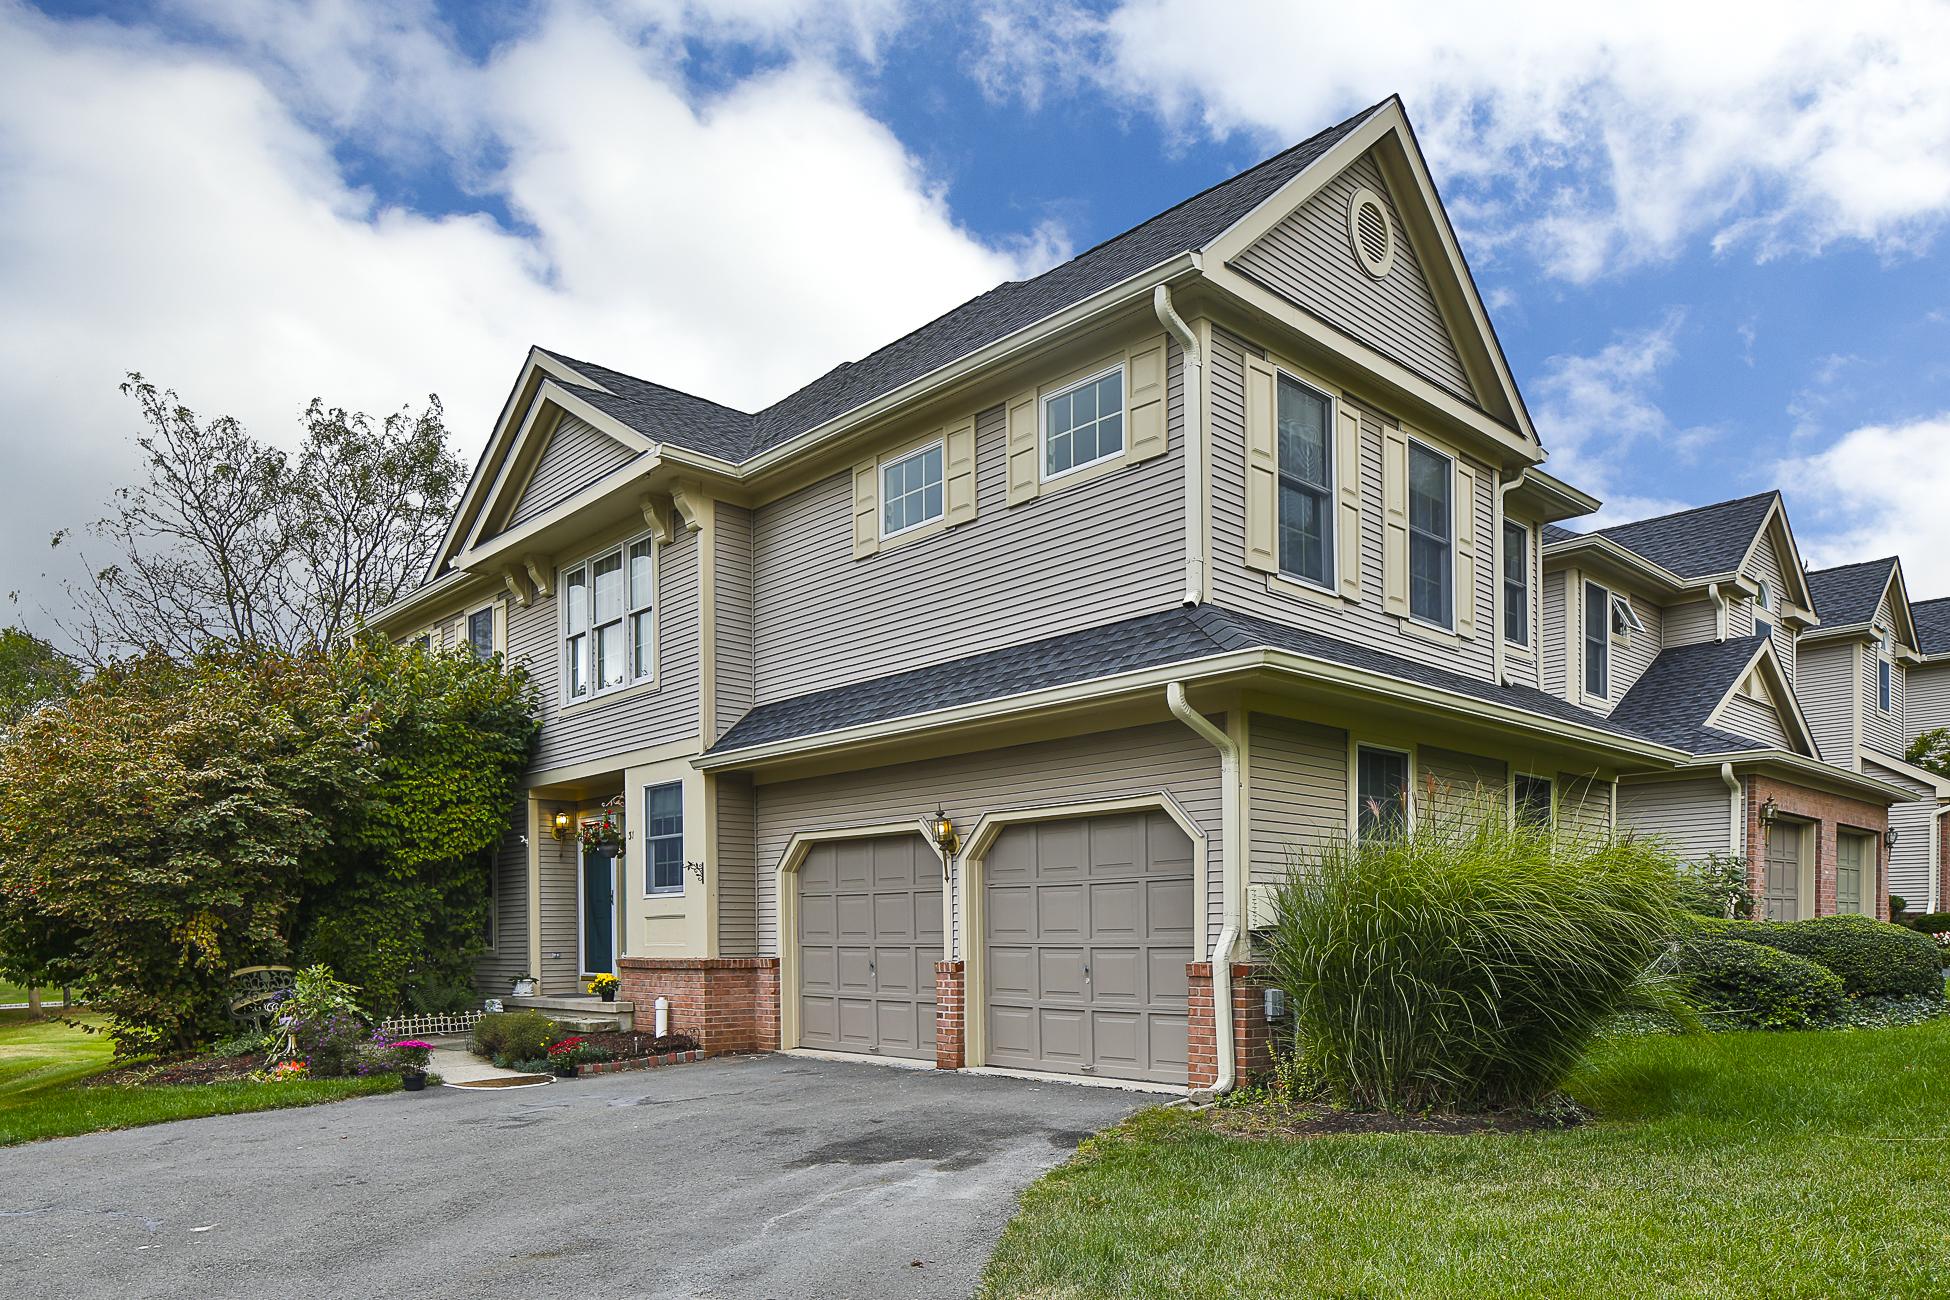 Stadthaus für Verkauf beim Lovely, Sunny End Unit in Leafy Washington Oaks 31 Benjamin Rush Lane Princeton, New Jersey 08540 Vereinigte Staaten